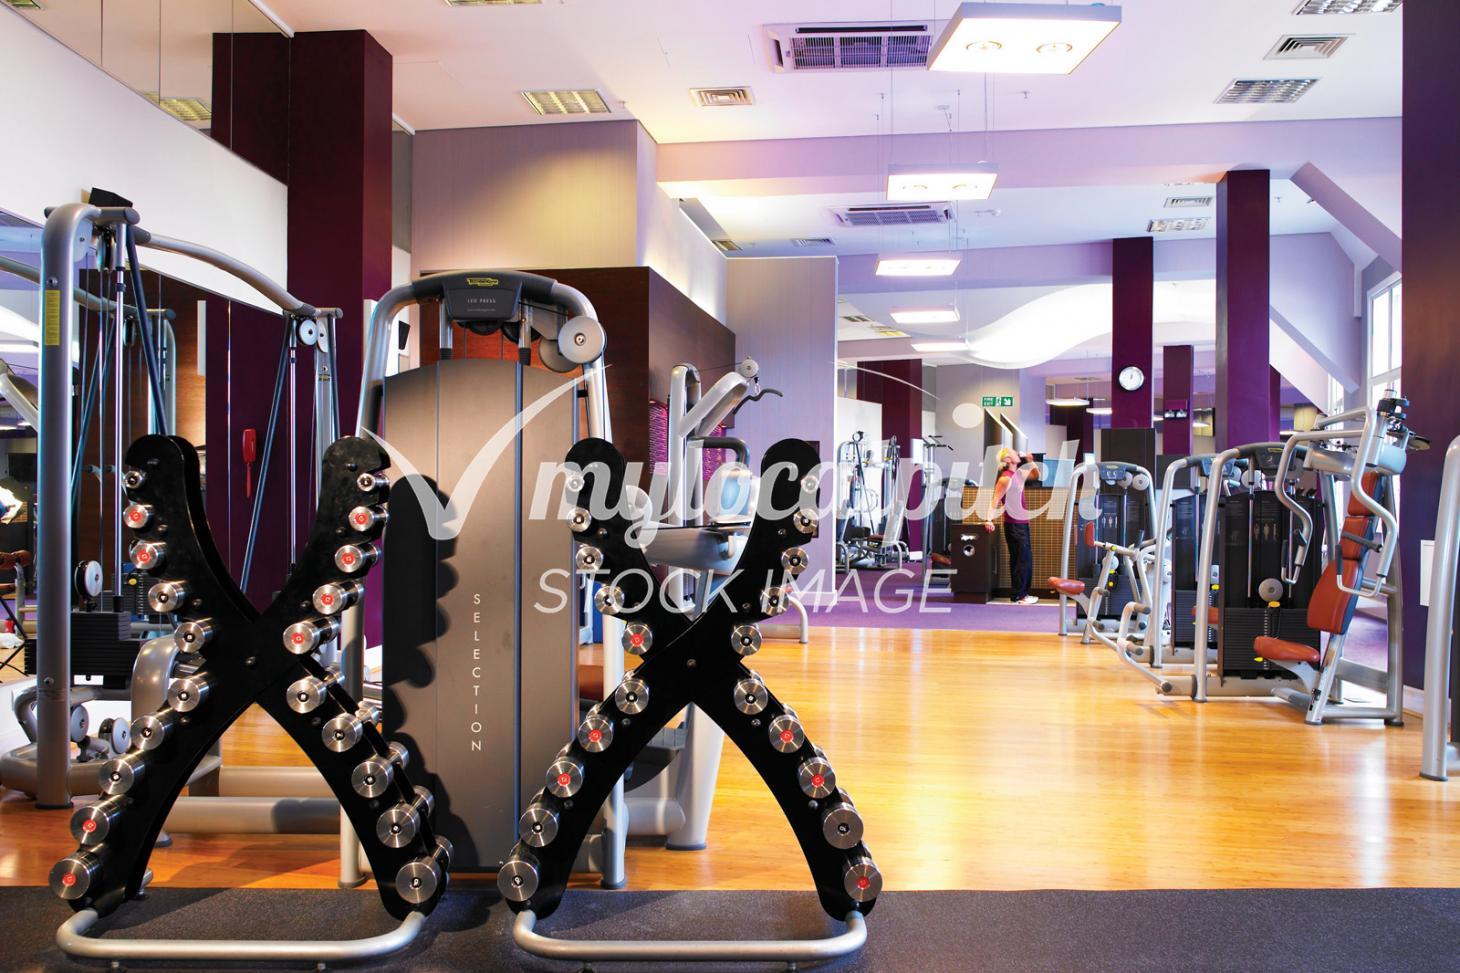 Arches Leisure Centre Gym gym